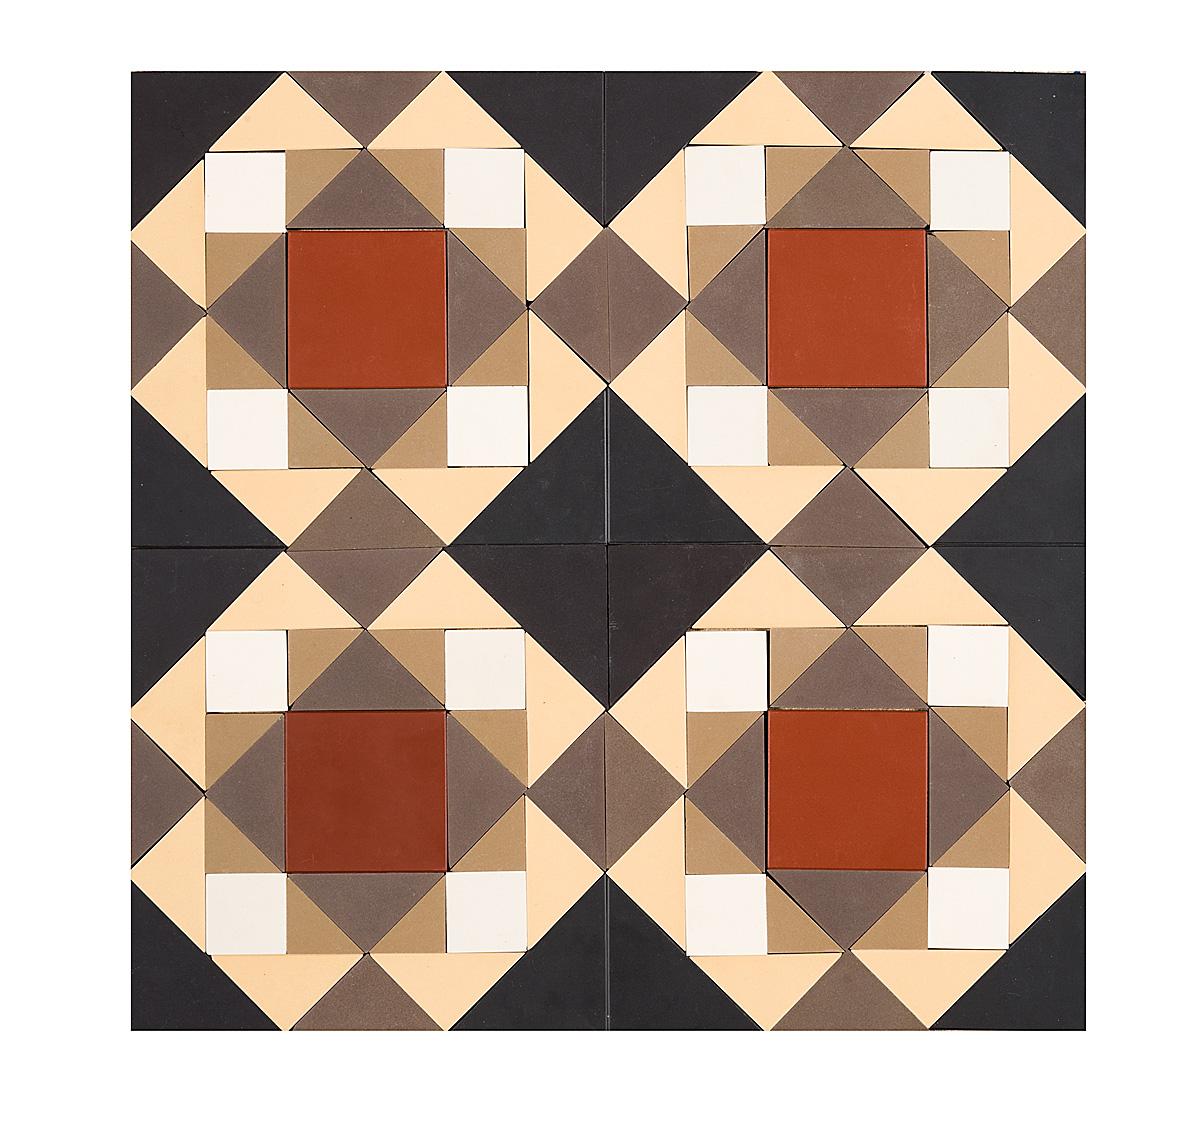 Pattern Petersham Continuous Eco Tile Factory